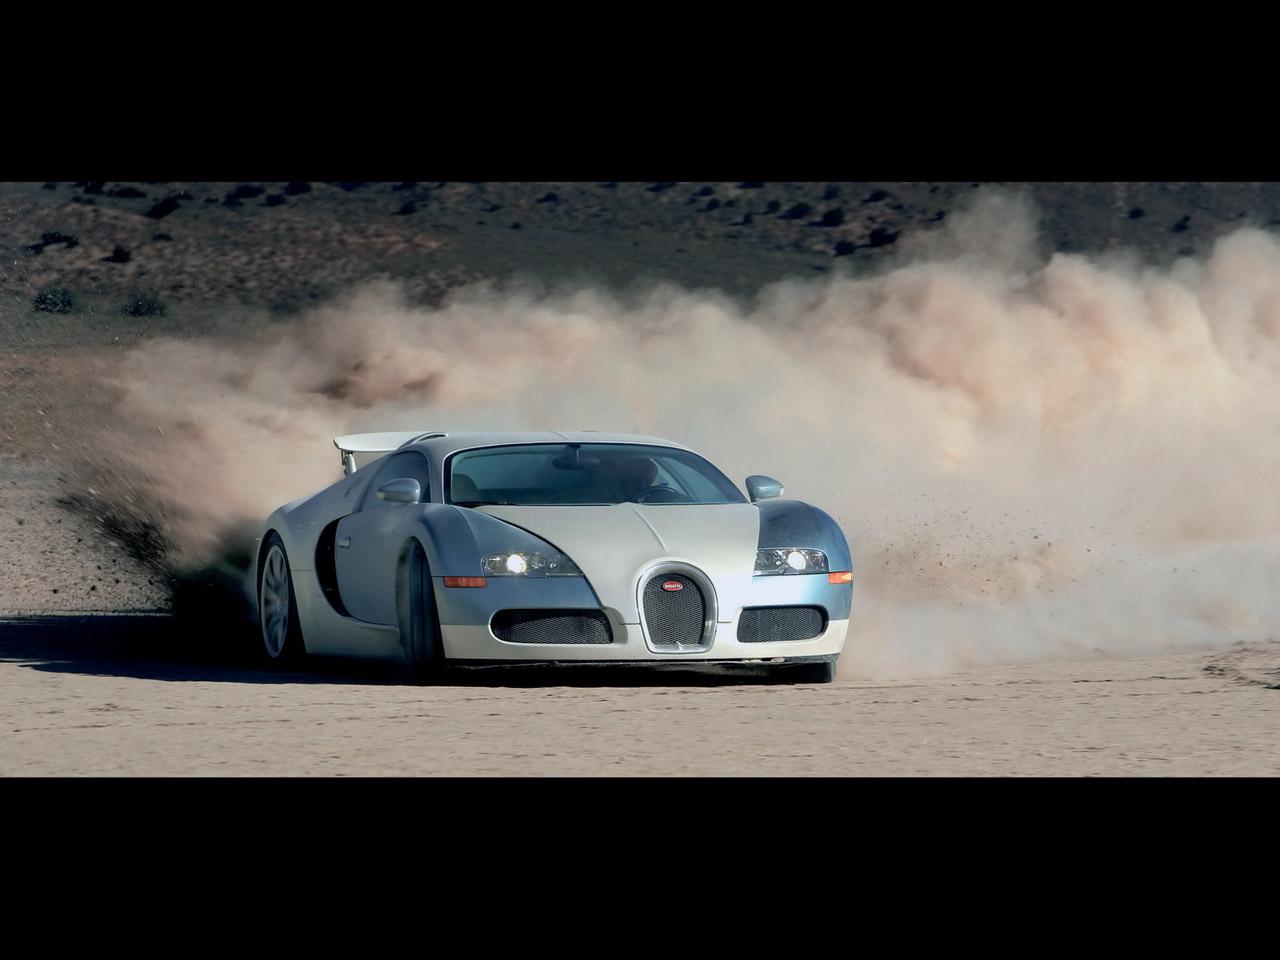 Car Wallpaper Bugatti Veyron Car 1280x960